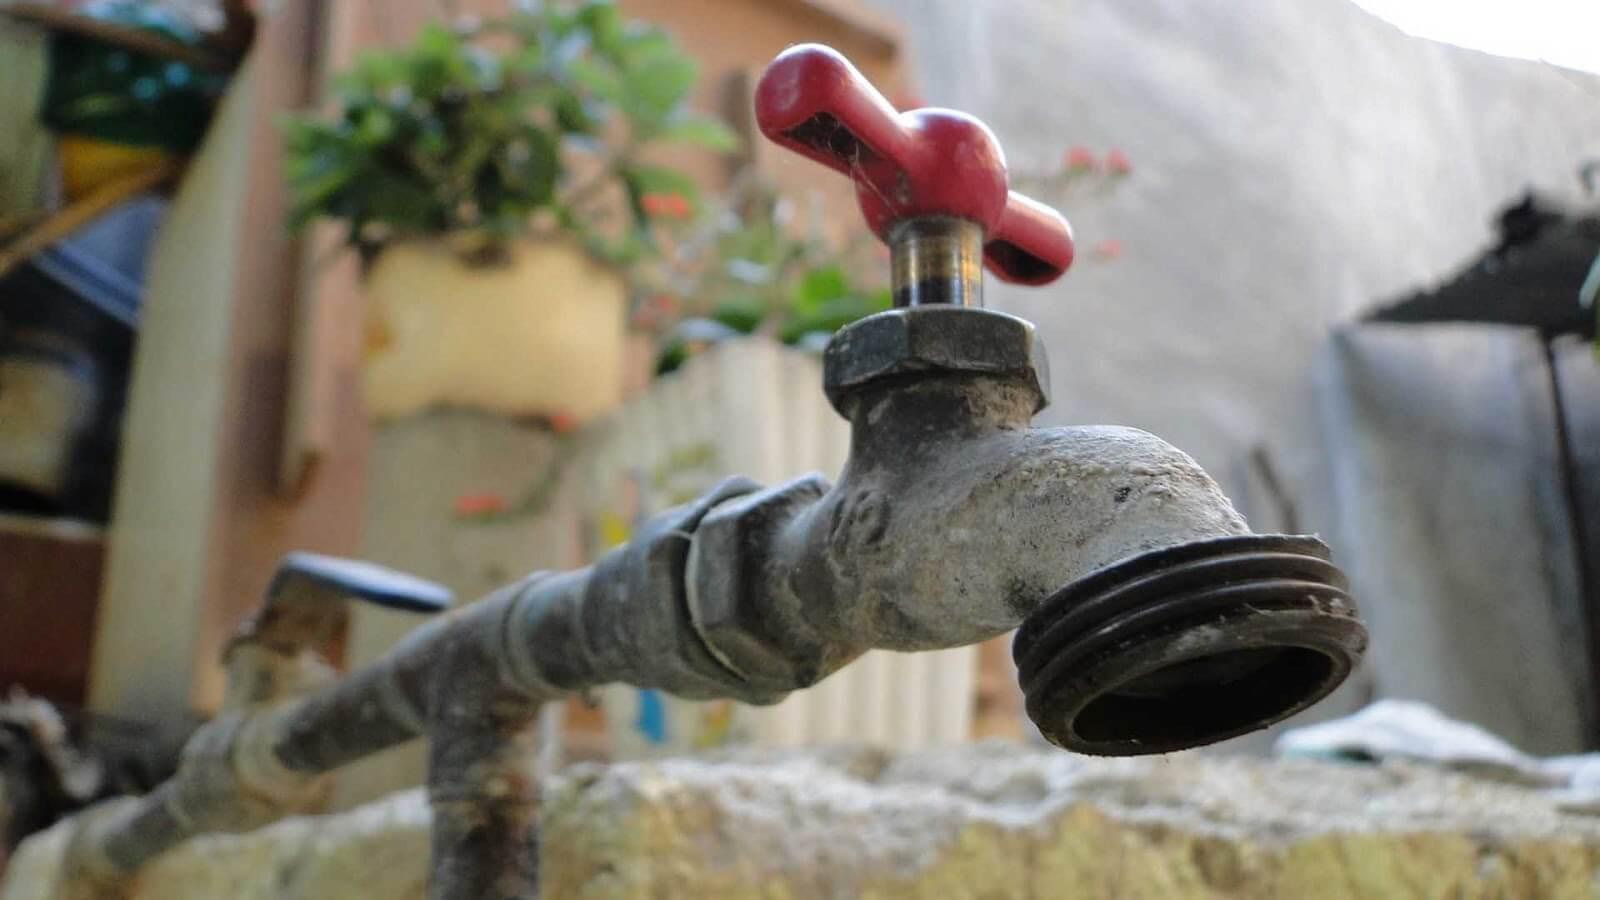 El presidente municipal Hipólito Rodríguez Herrero, informó que este año el Ayuntamiento de Xalapa y la Comisión Municipal de Agua Potable y Saneamiento de Xalapa (CMAS) realizarán 63 obras de rehabilitación y construcción de redes de agua potable, así como de mejoramiento del alcantarillado en varias colonias